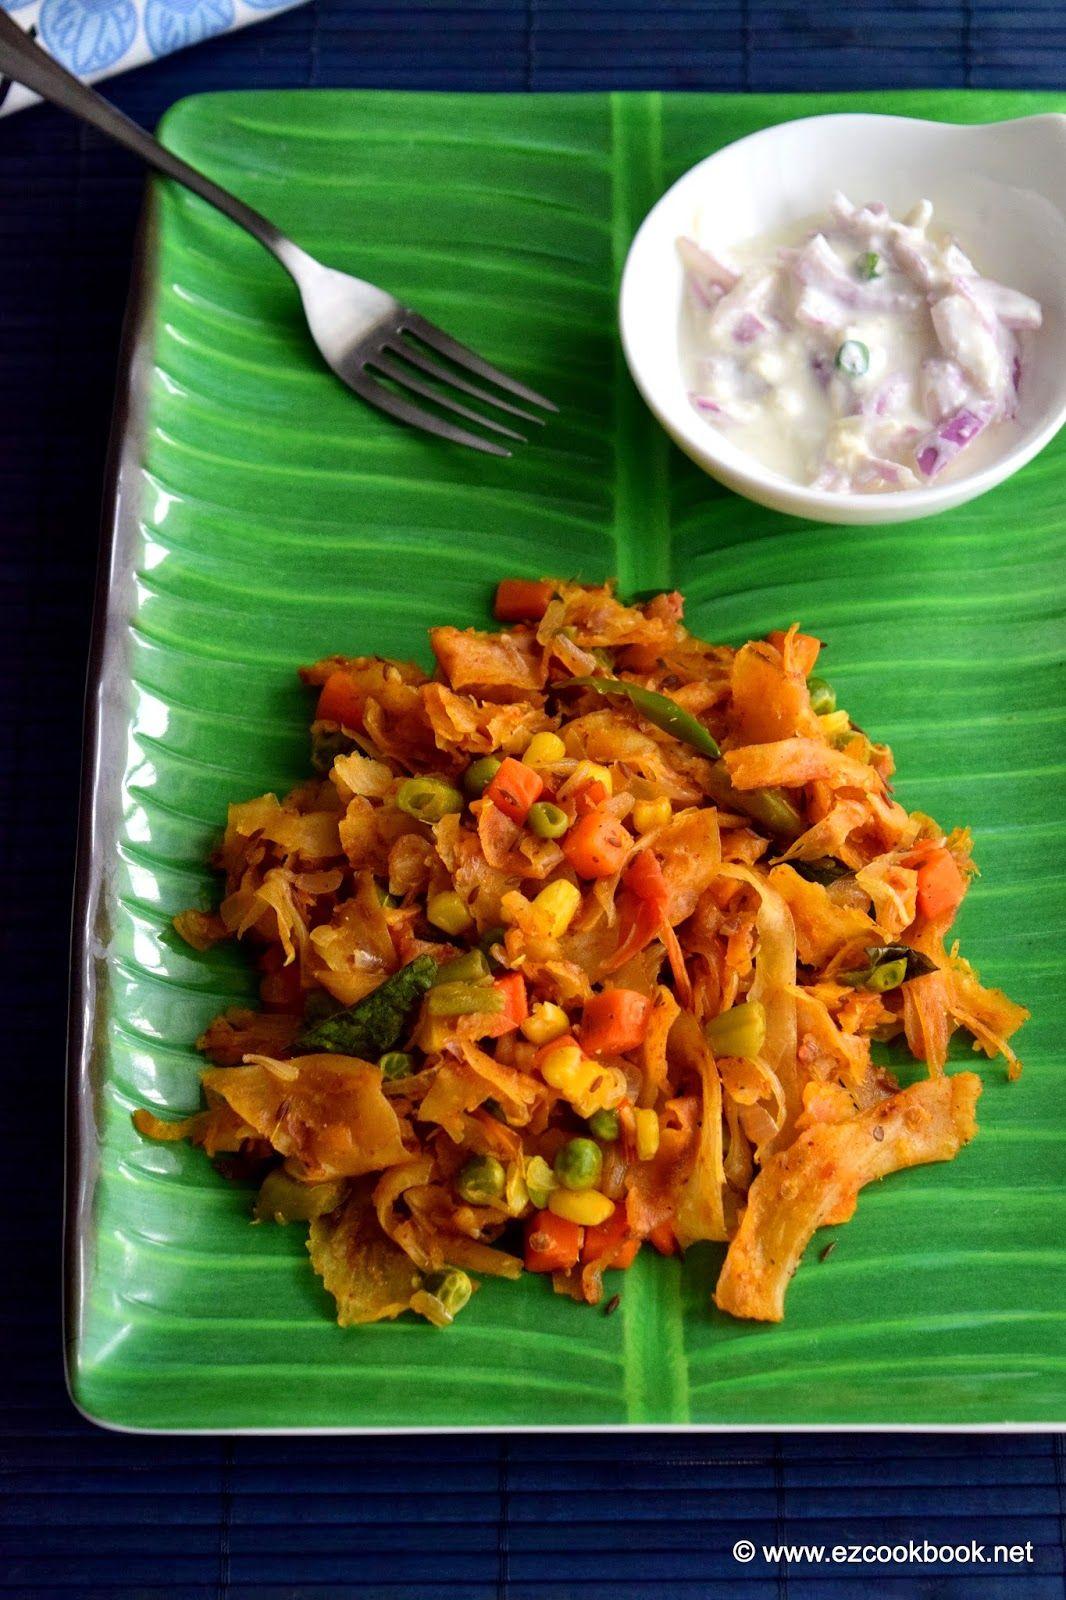 Veg kothu parotta popular tamilnadu street food ezcookbook veg kothu parotta popular tamilnadu street food ezcookbook forumfinder Choice Image